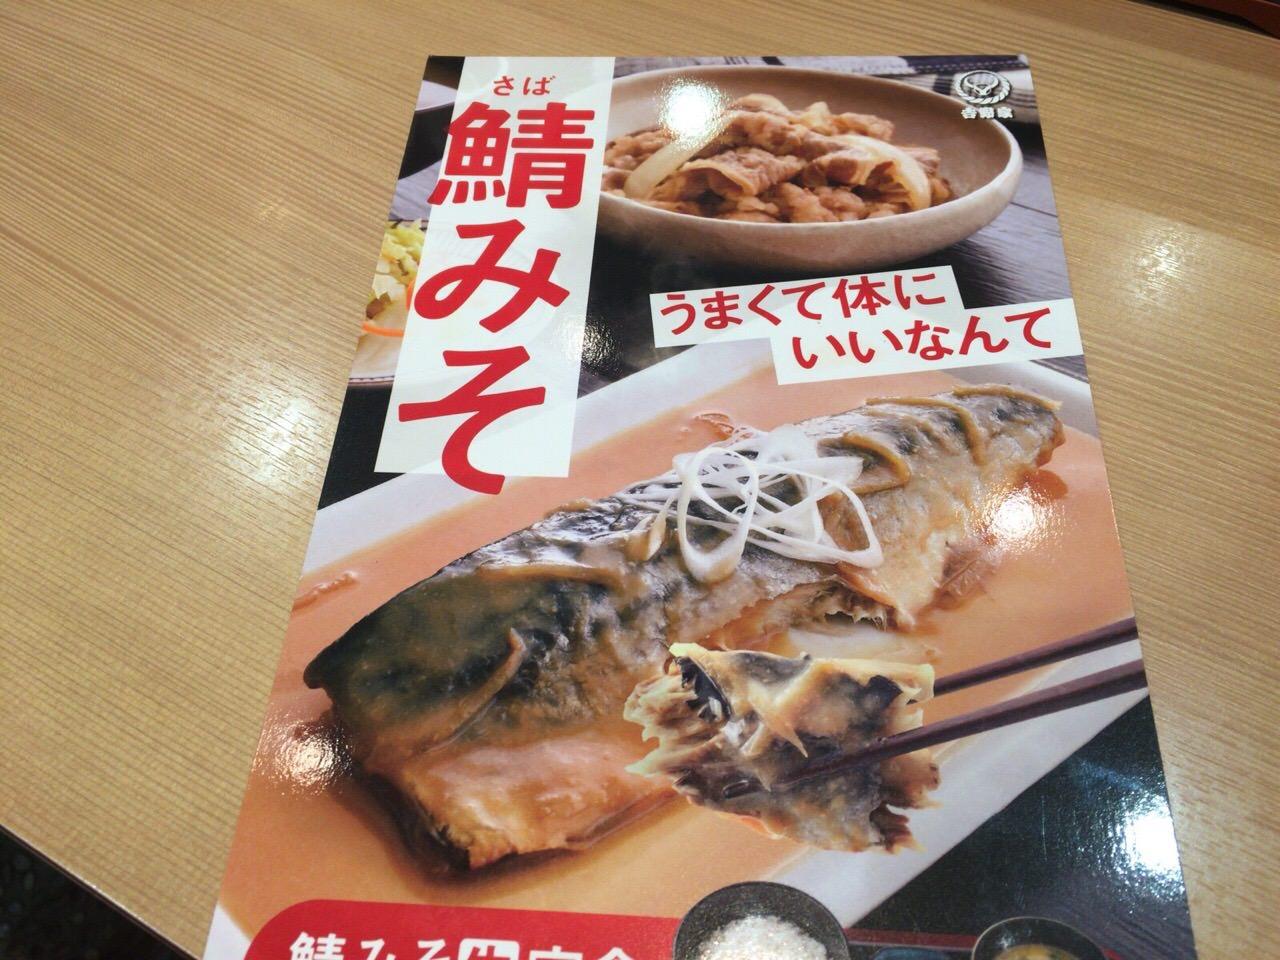 【吉野家】「鯖みそ定食」骨に気づかず食べられるほど柔らかくて美味い